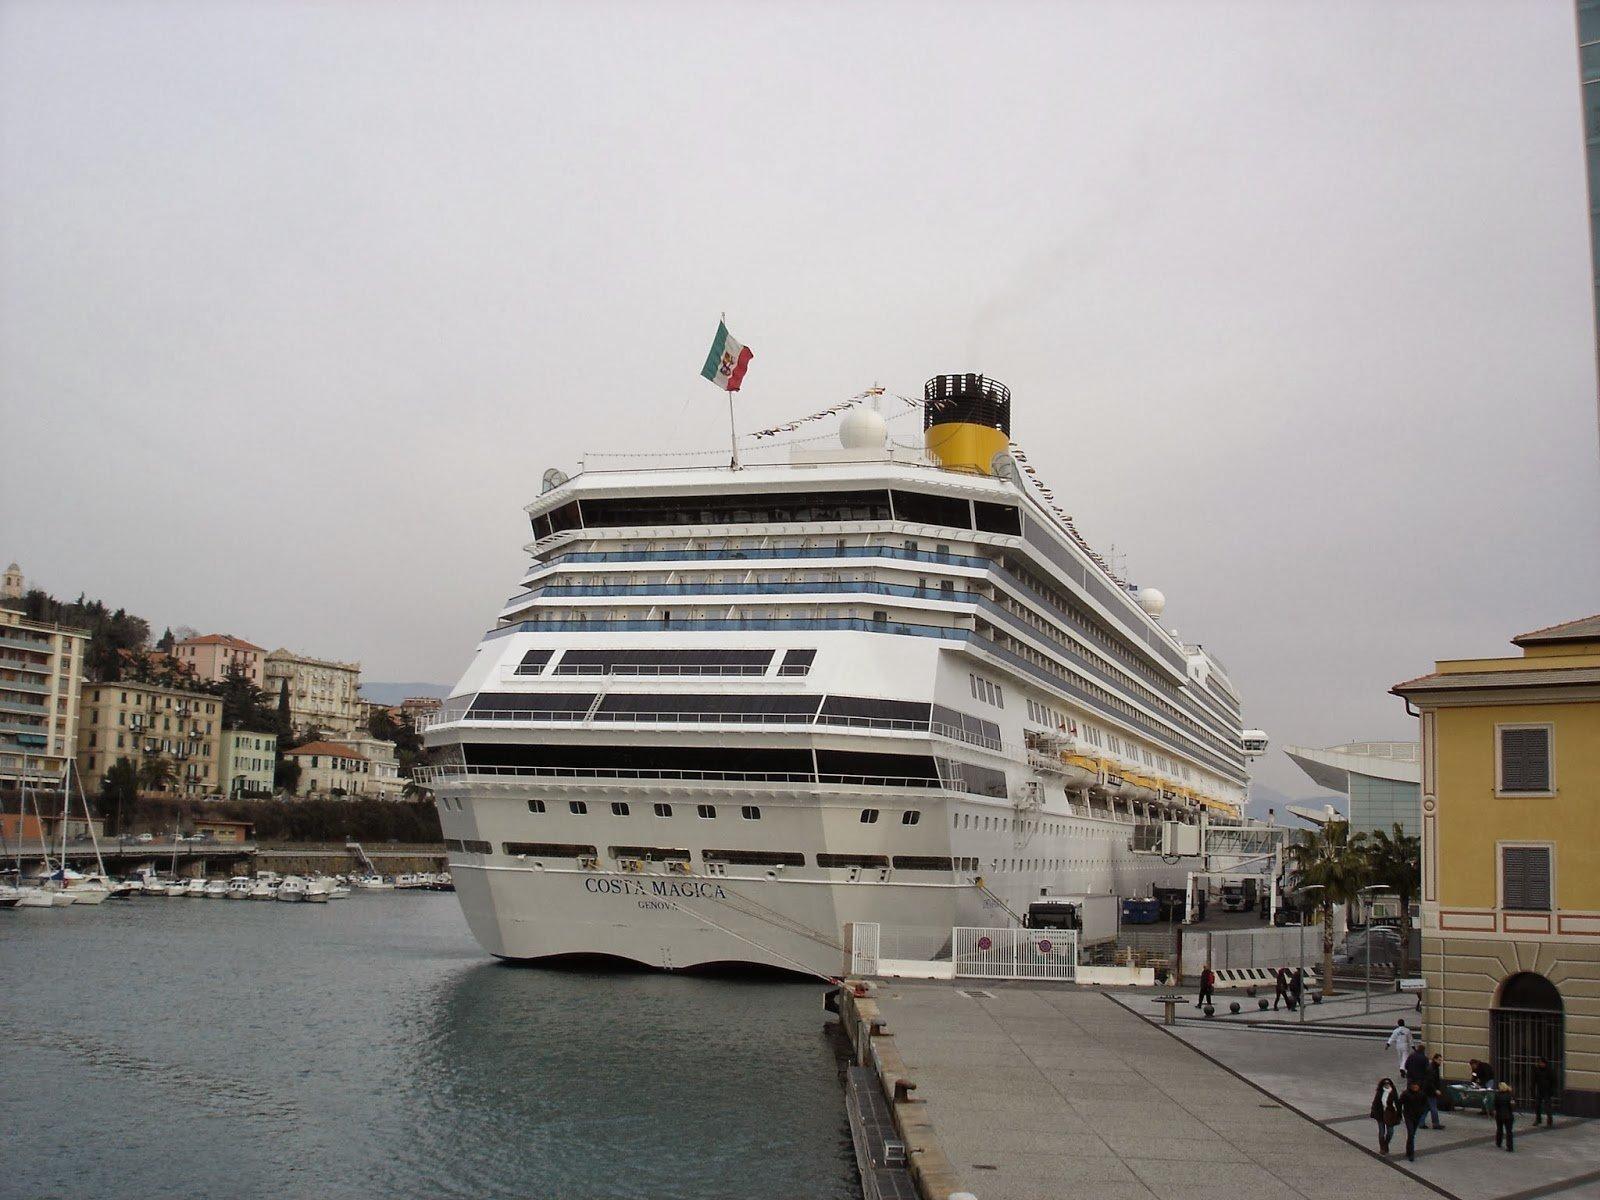 História viajante: viagem de navio, uma ótima maneira de conhecer o mundo através dos mares